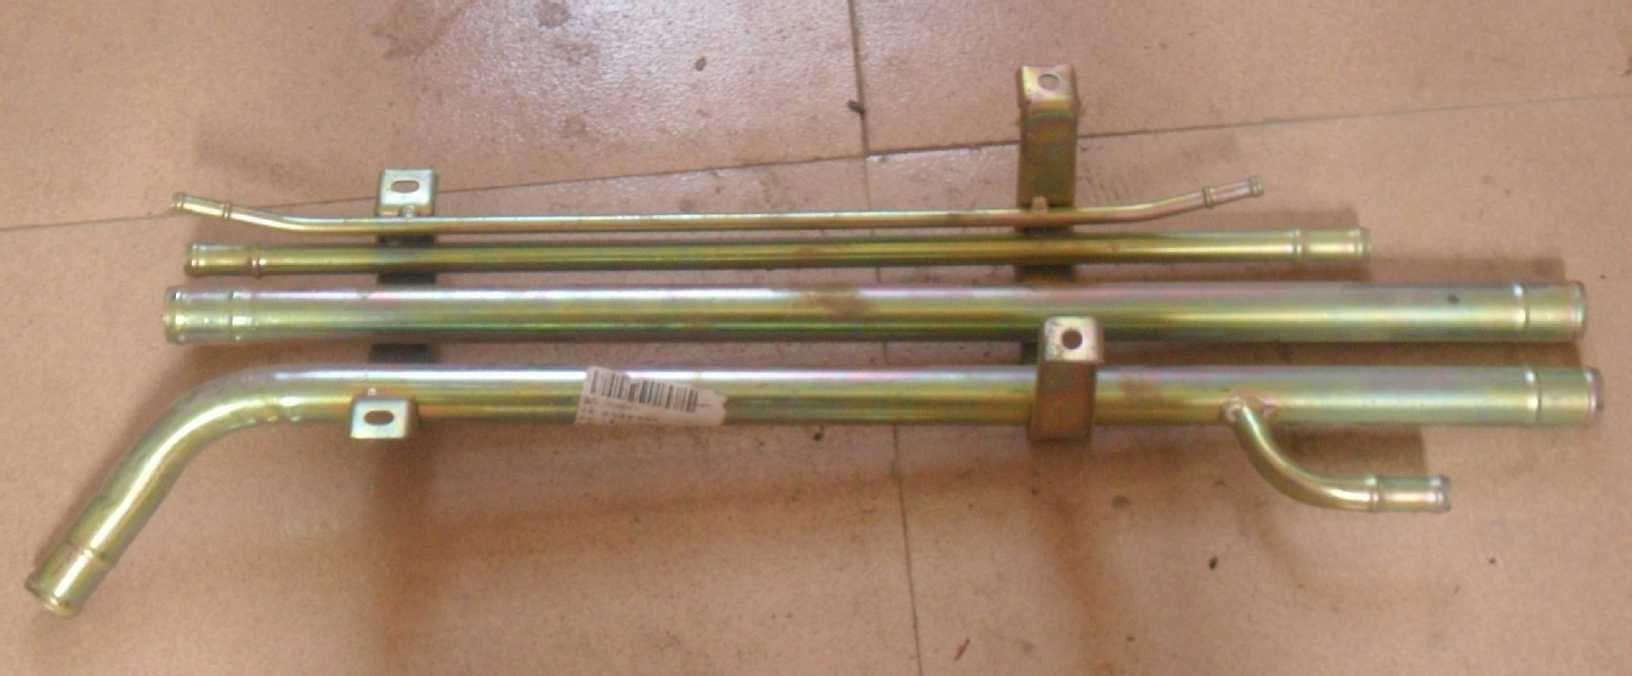 铁水管生锈了怎么办 水管为什么会漏水